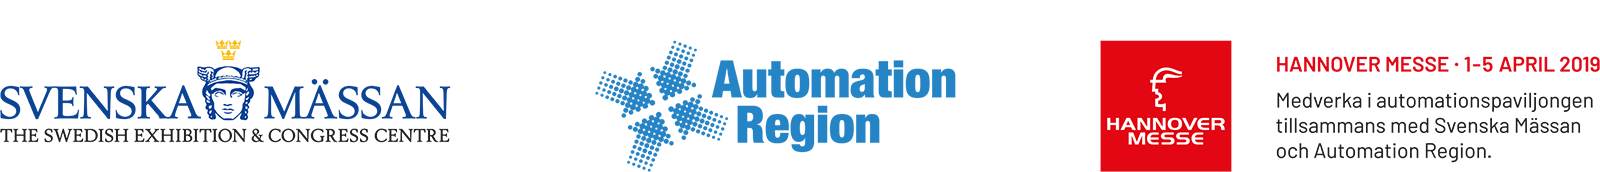 svenska-massan-hannovermesse-automation-region-loggor